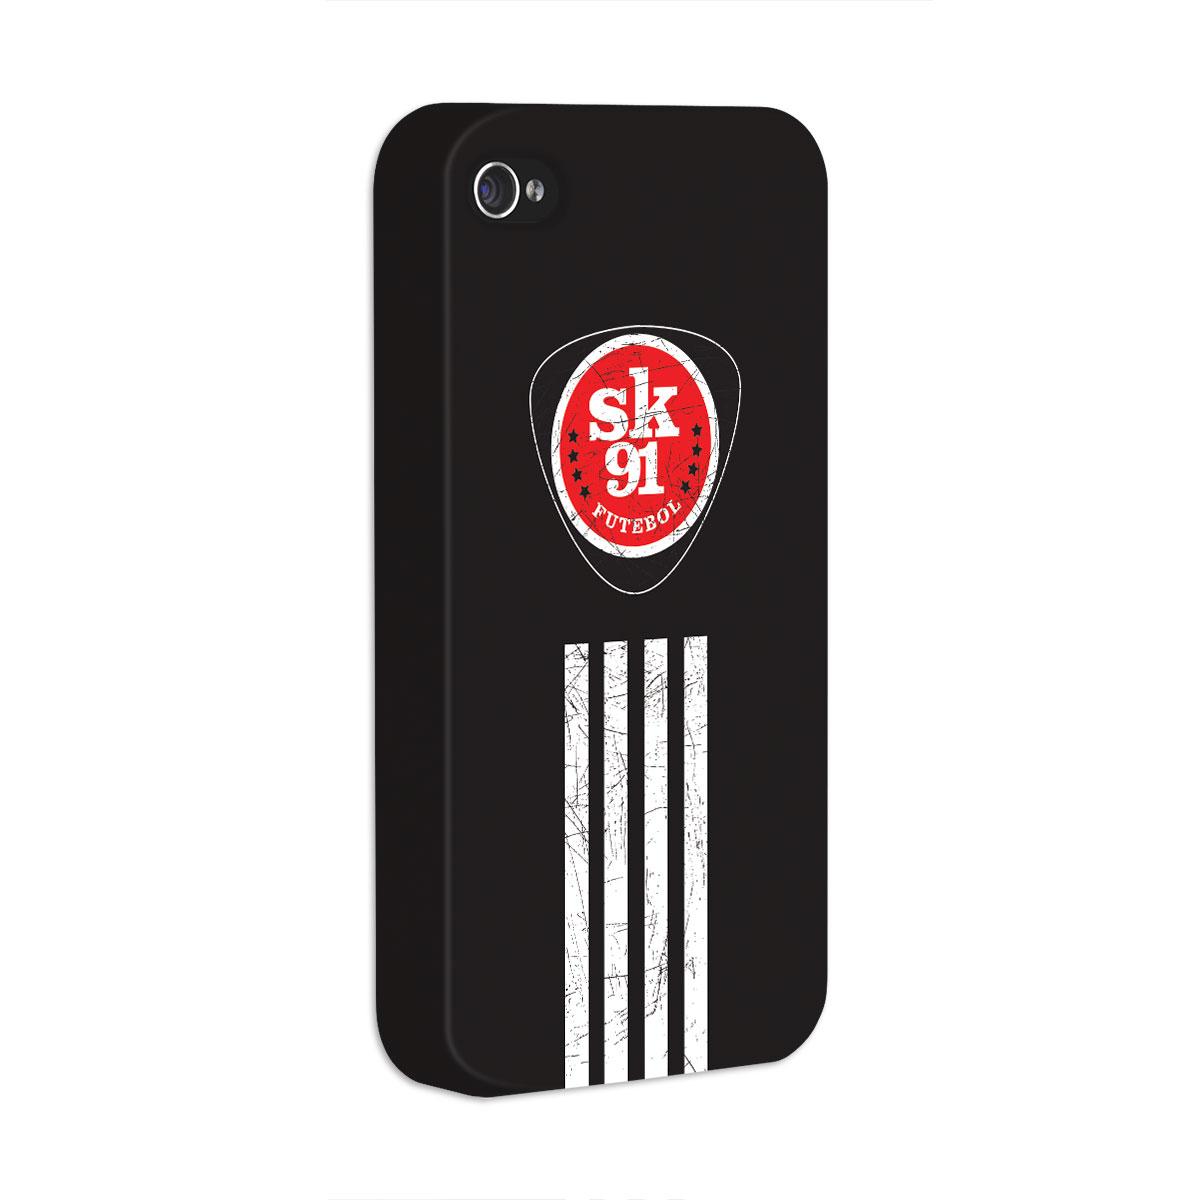 Capa de iPhone 4/4S Skank Futebol